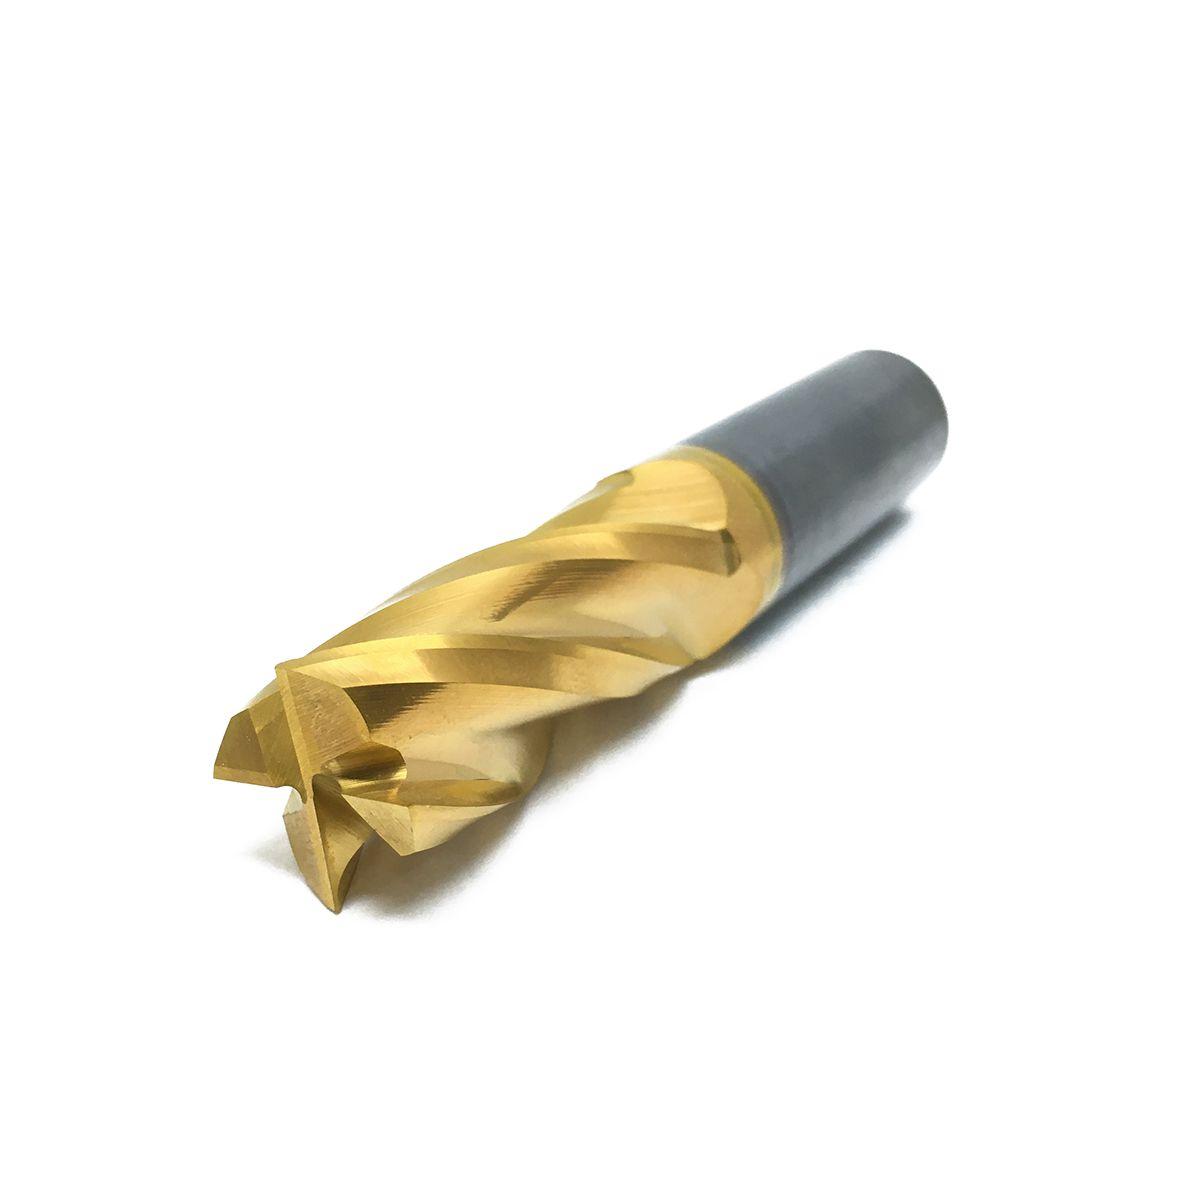 Fresa de Topo Reto Rotafy de Metal Duro D18,0 LC43 LT94 Z4 H18